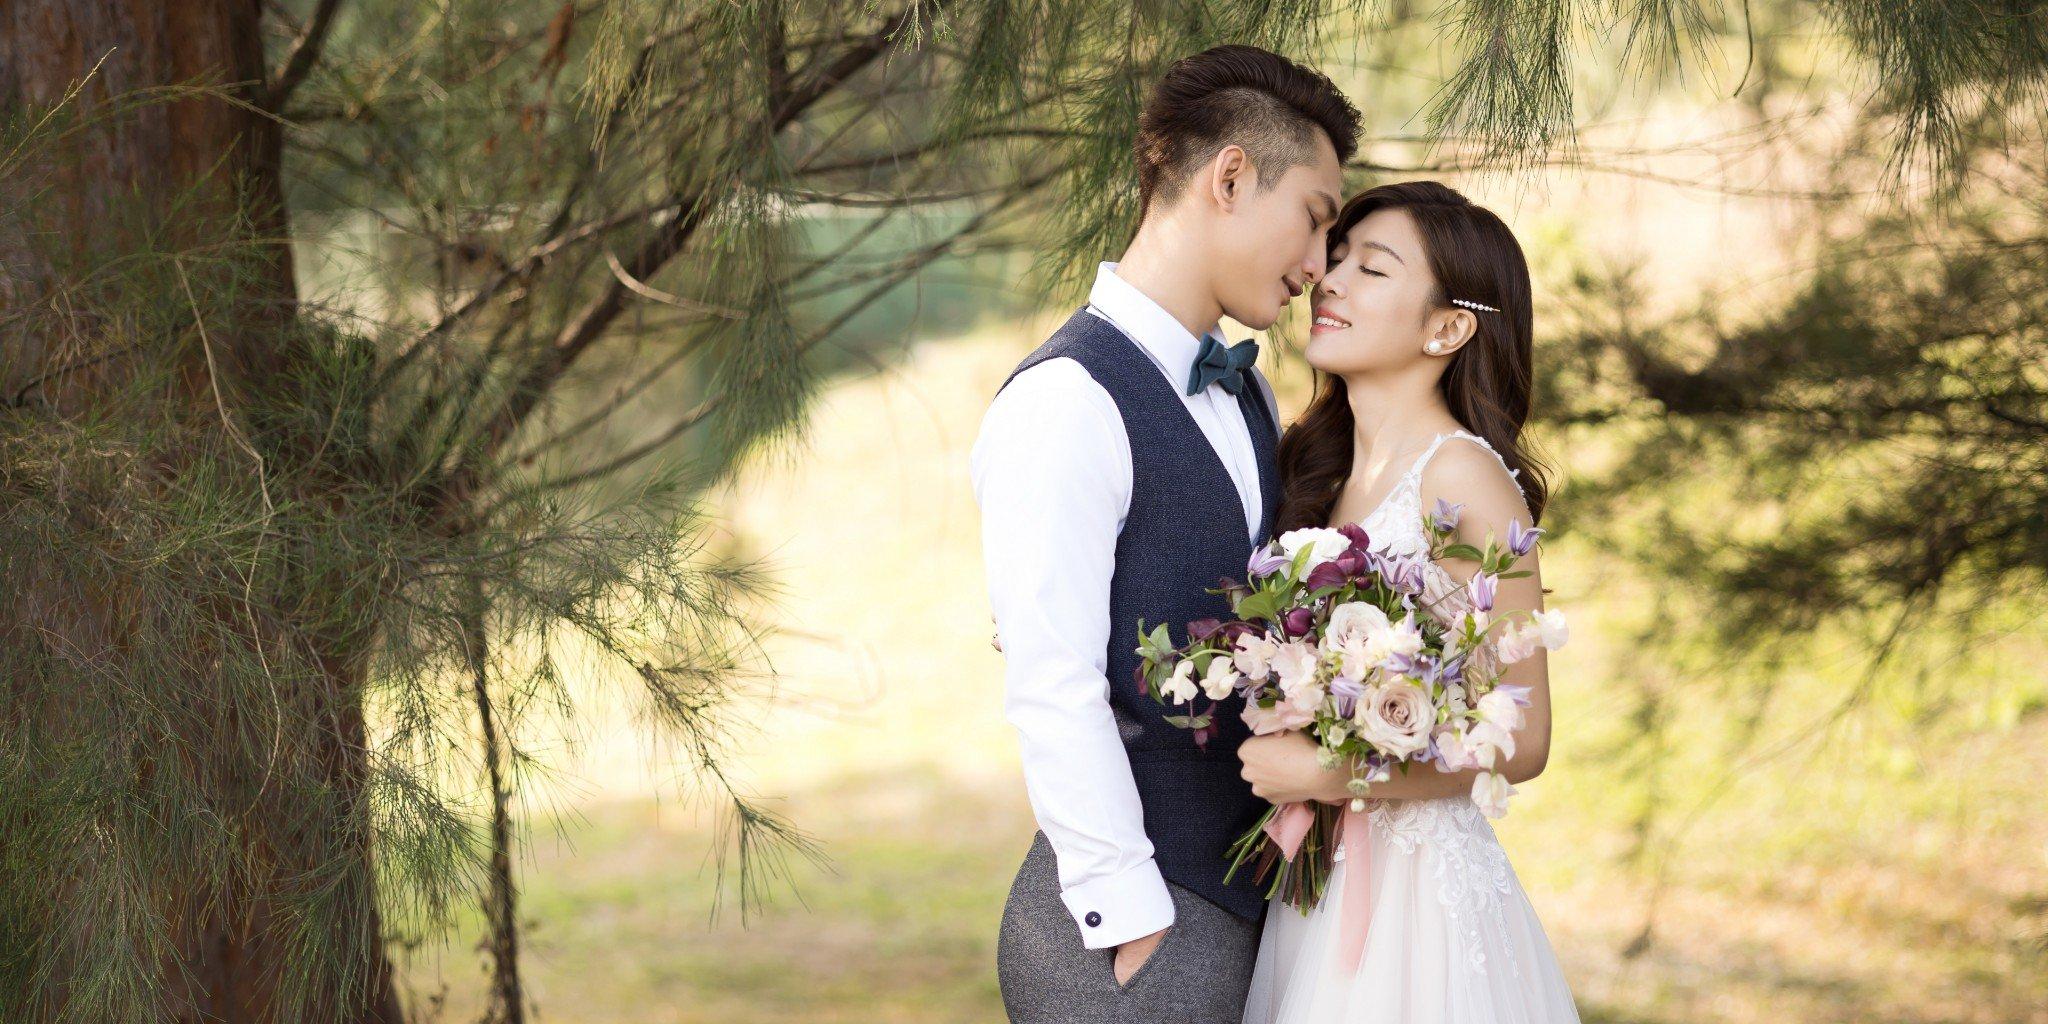 又禾 & Jojo 婚紗照@高雄